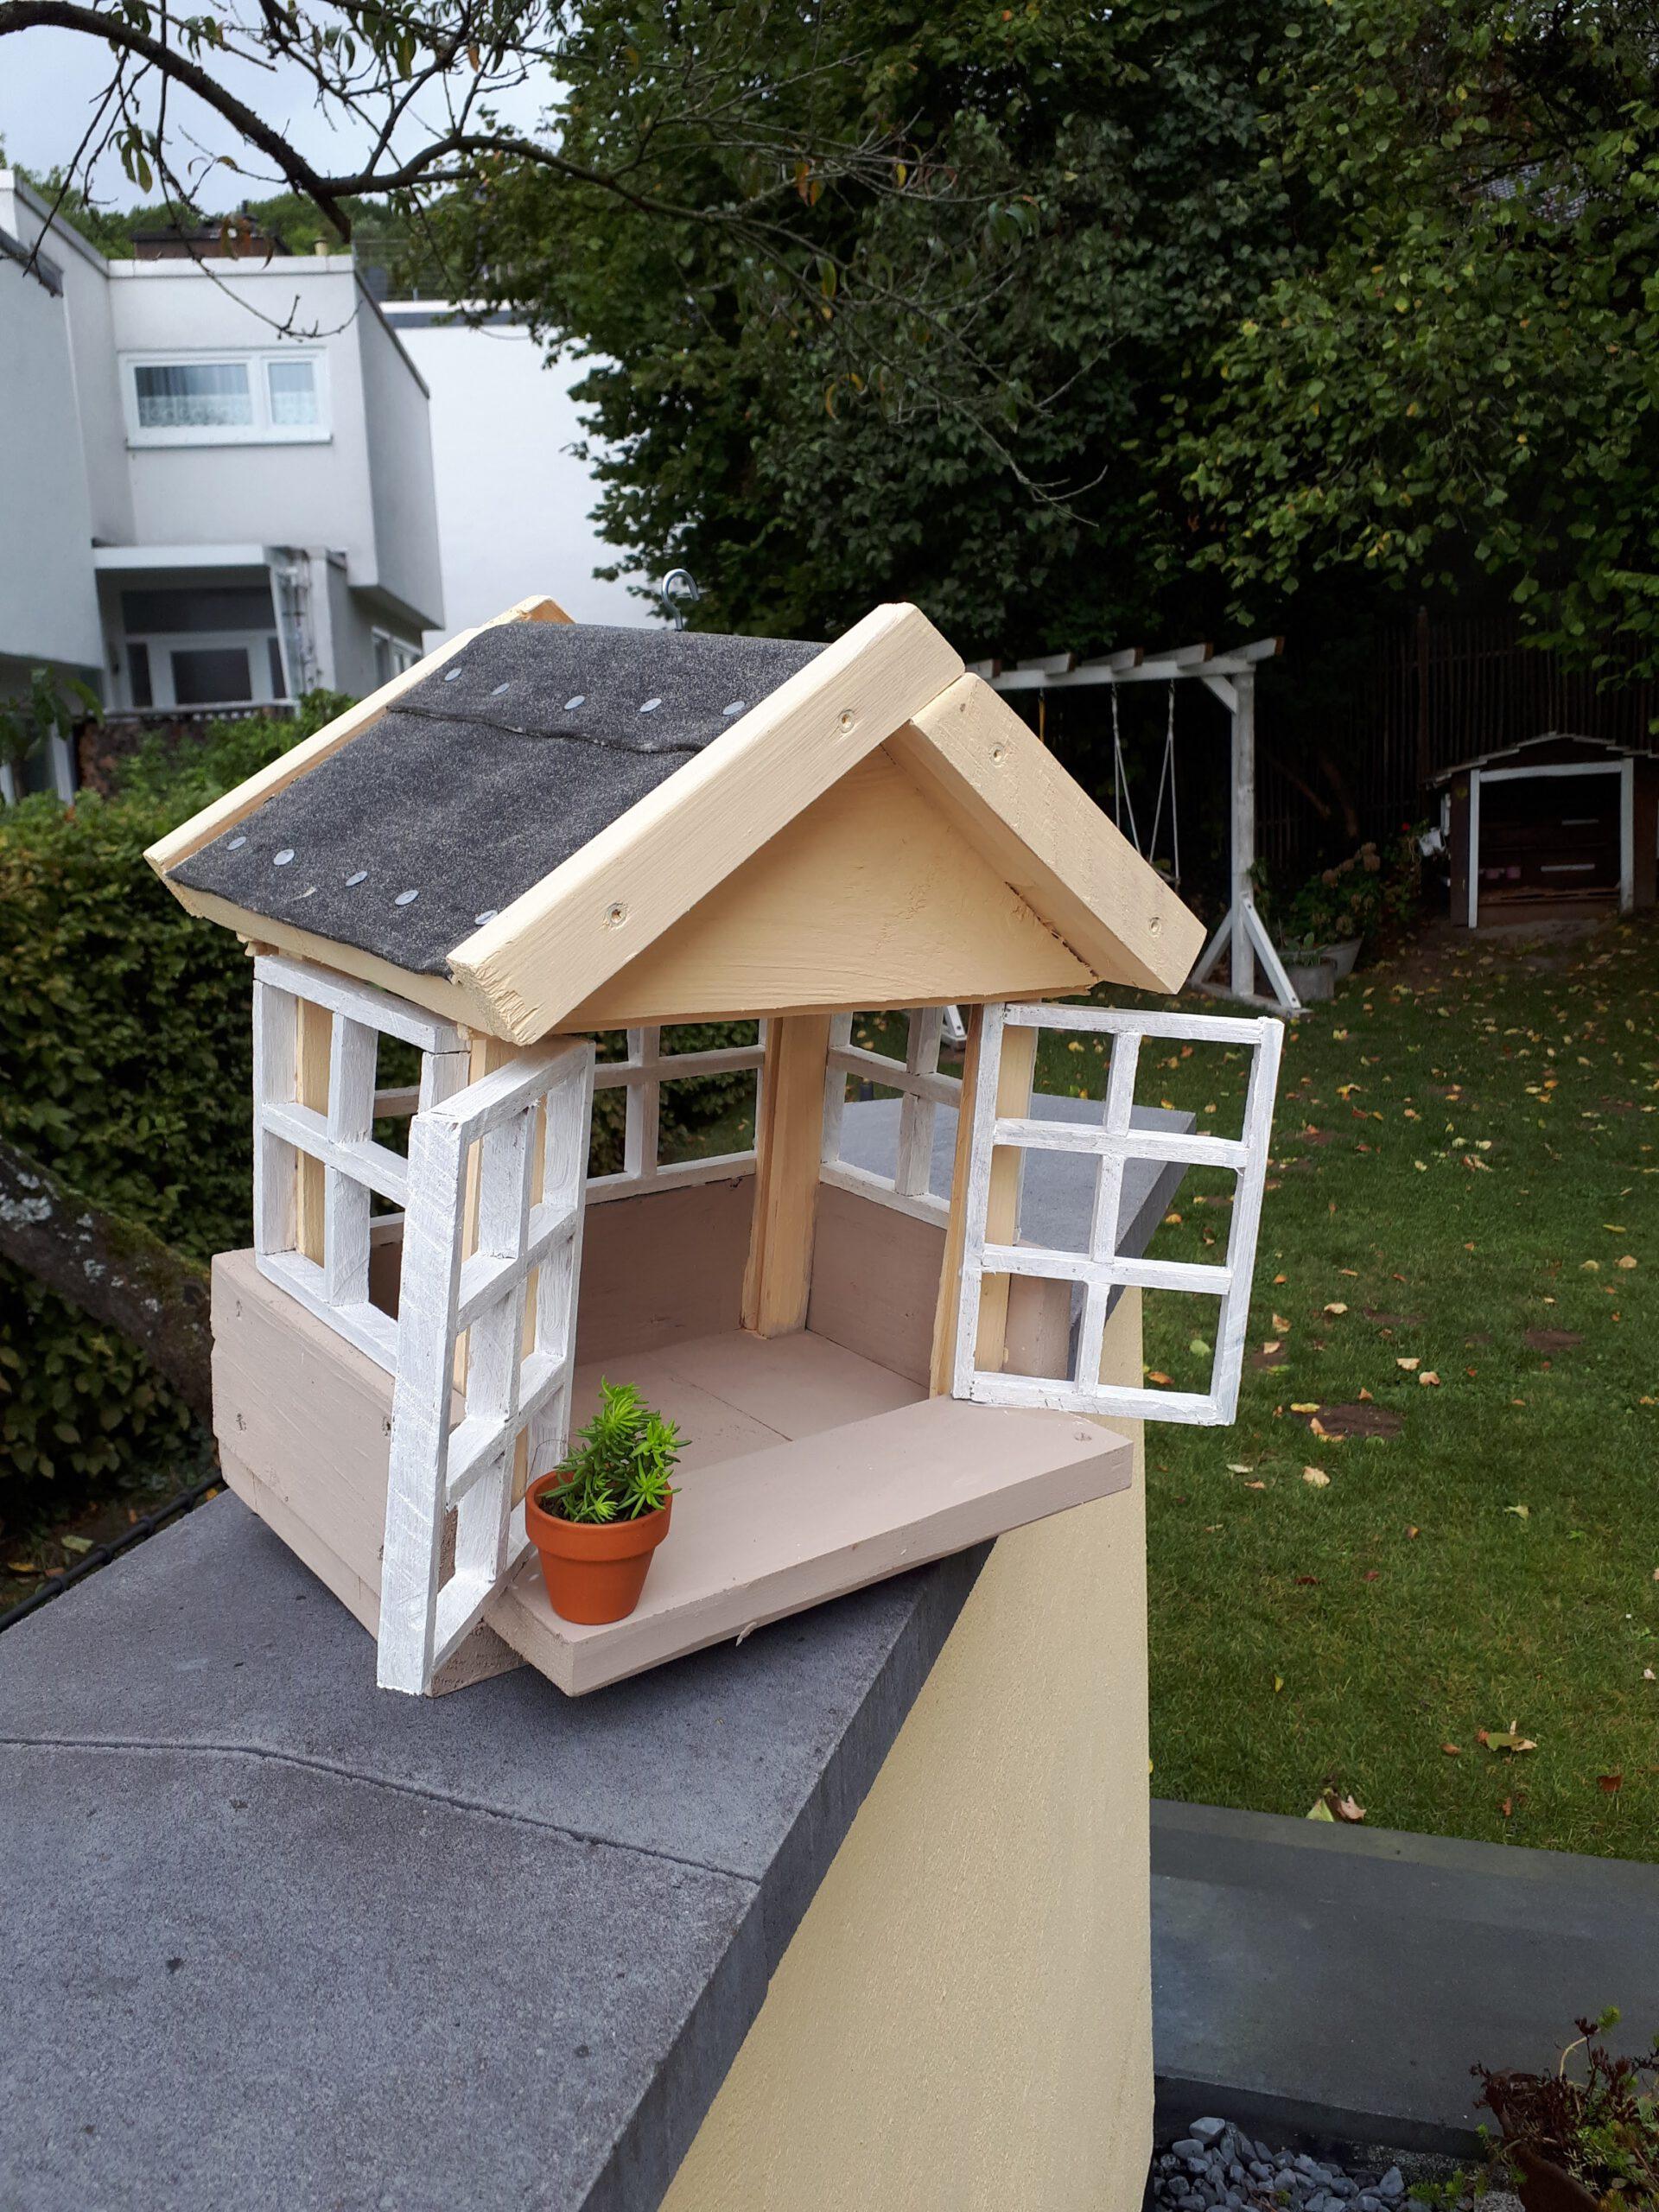 Das selbst gebaute Vogelfutterhaus hängt im Pfirsichbaum neben der Terrasse.